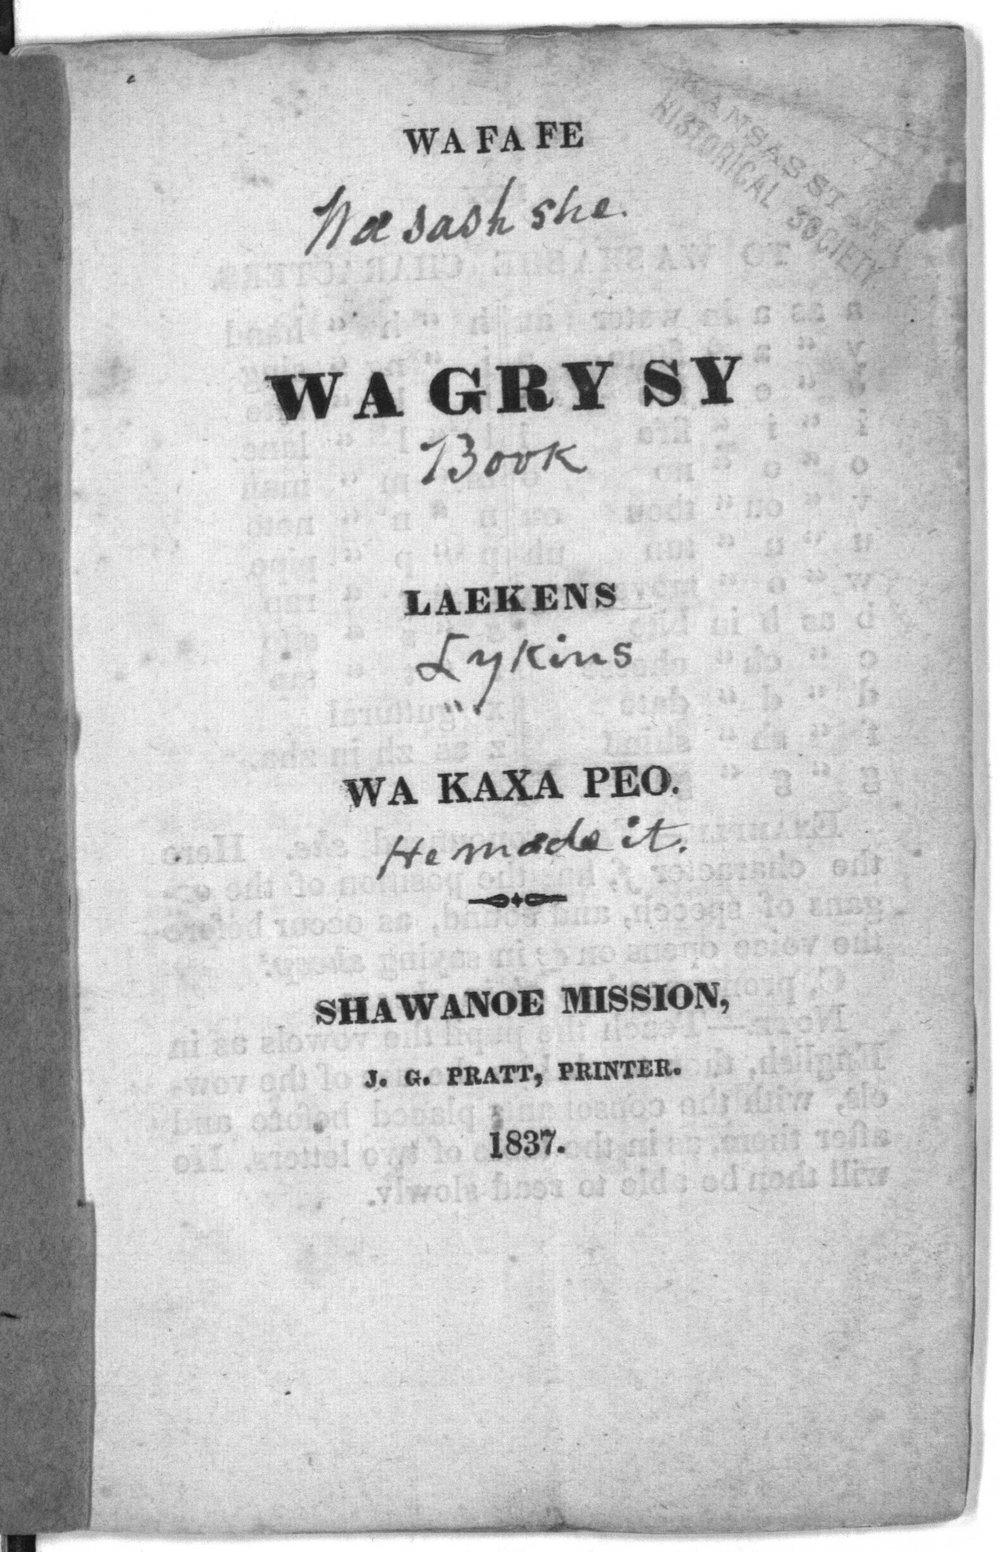 Wa fa fe (Wa sha she) wa gry sy (book) - Title Page